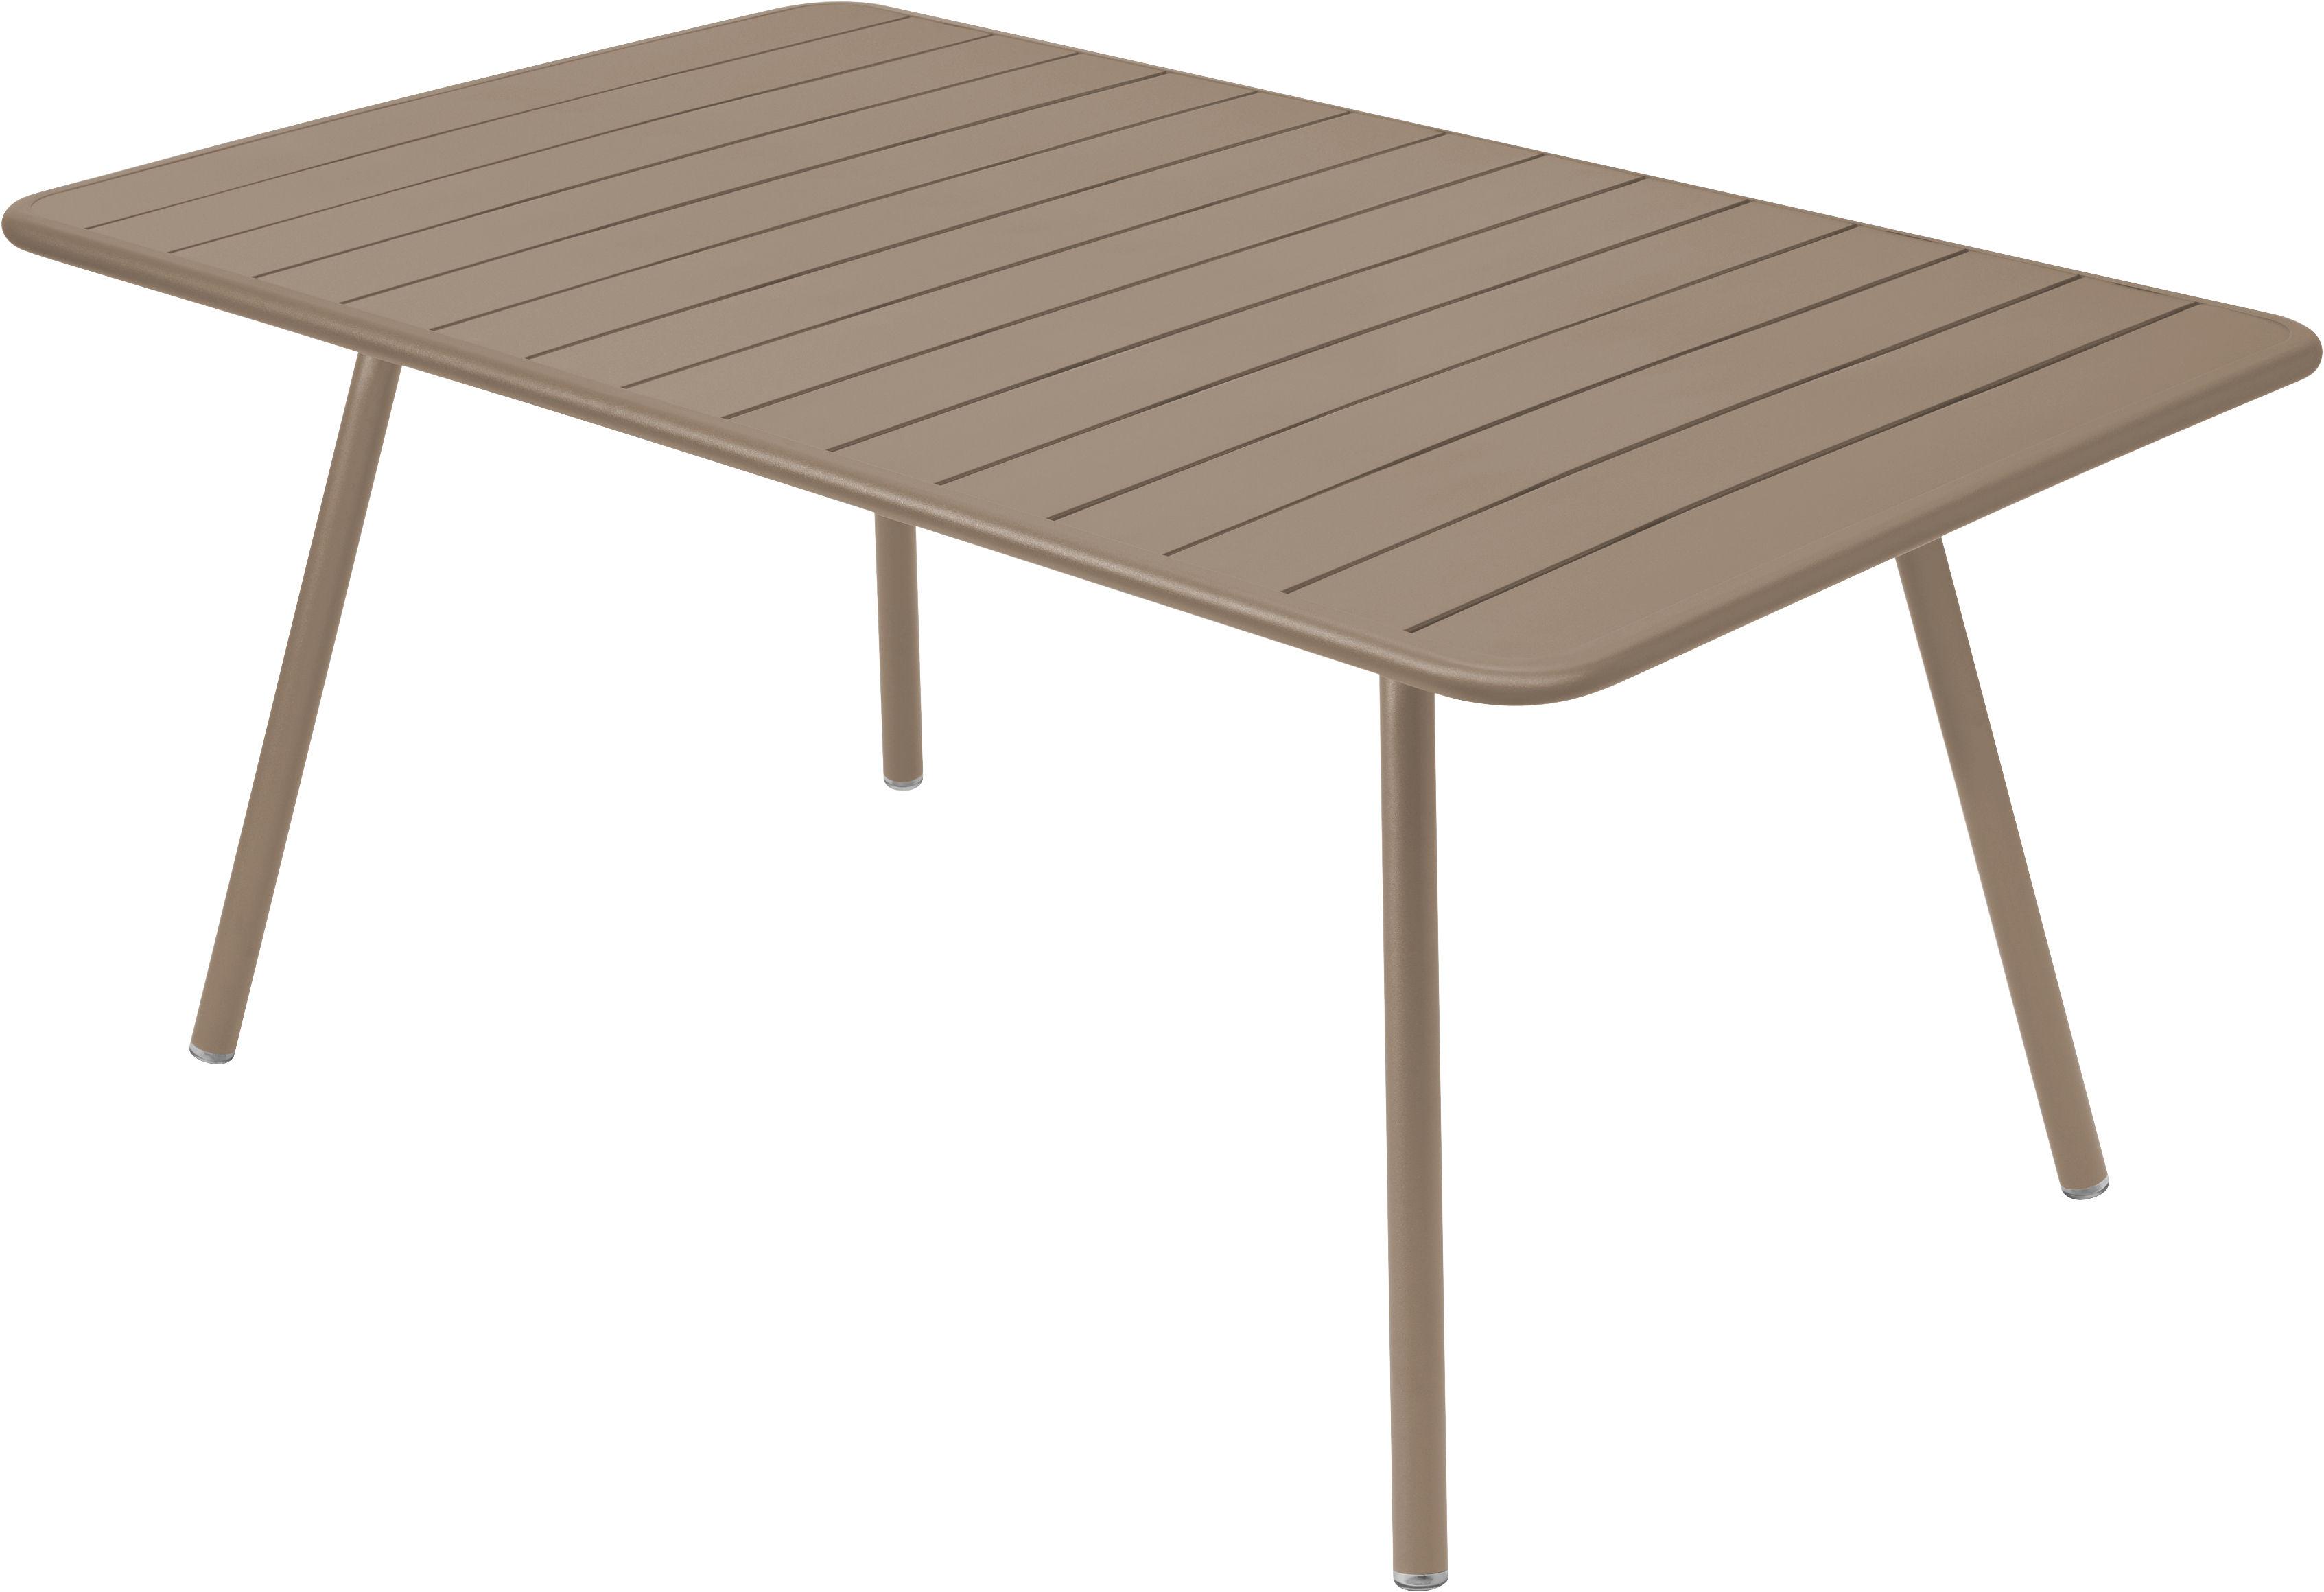 luxembourg f r 6 bis 8 personen 165 x 100 cm fermob tisch. Black Bedroom Furniture Sets. Home Design Ideas